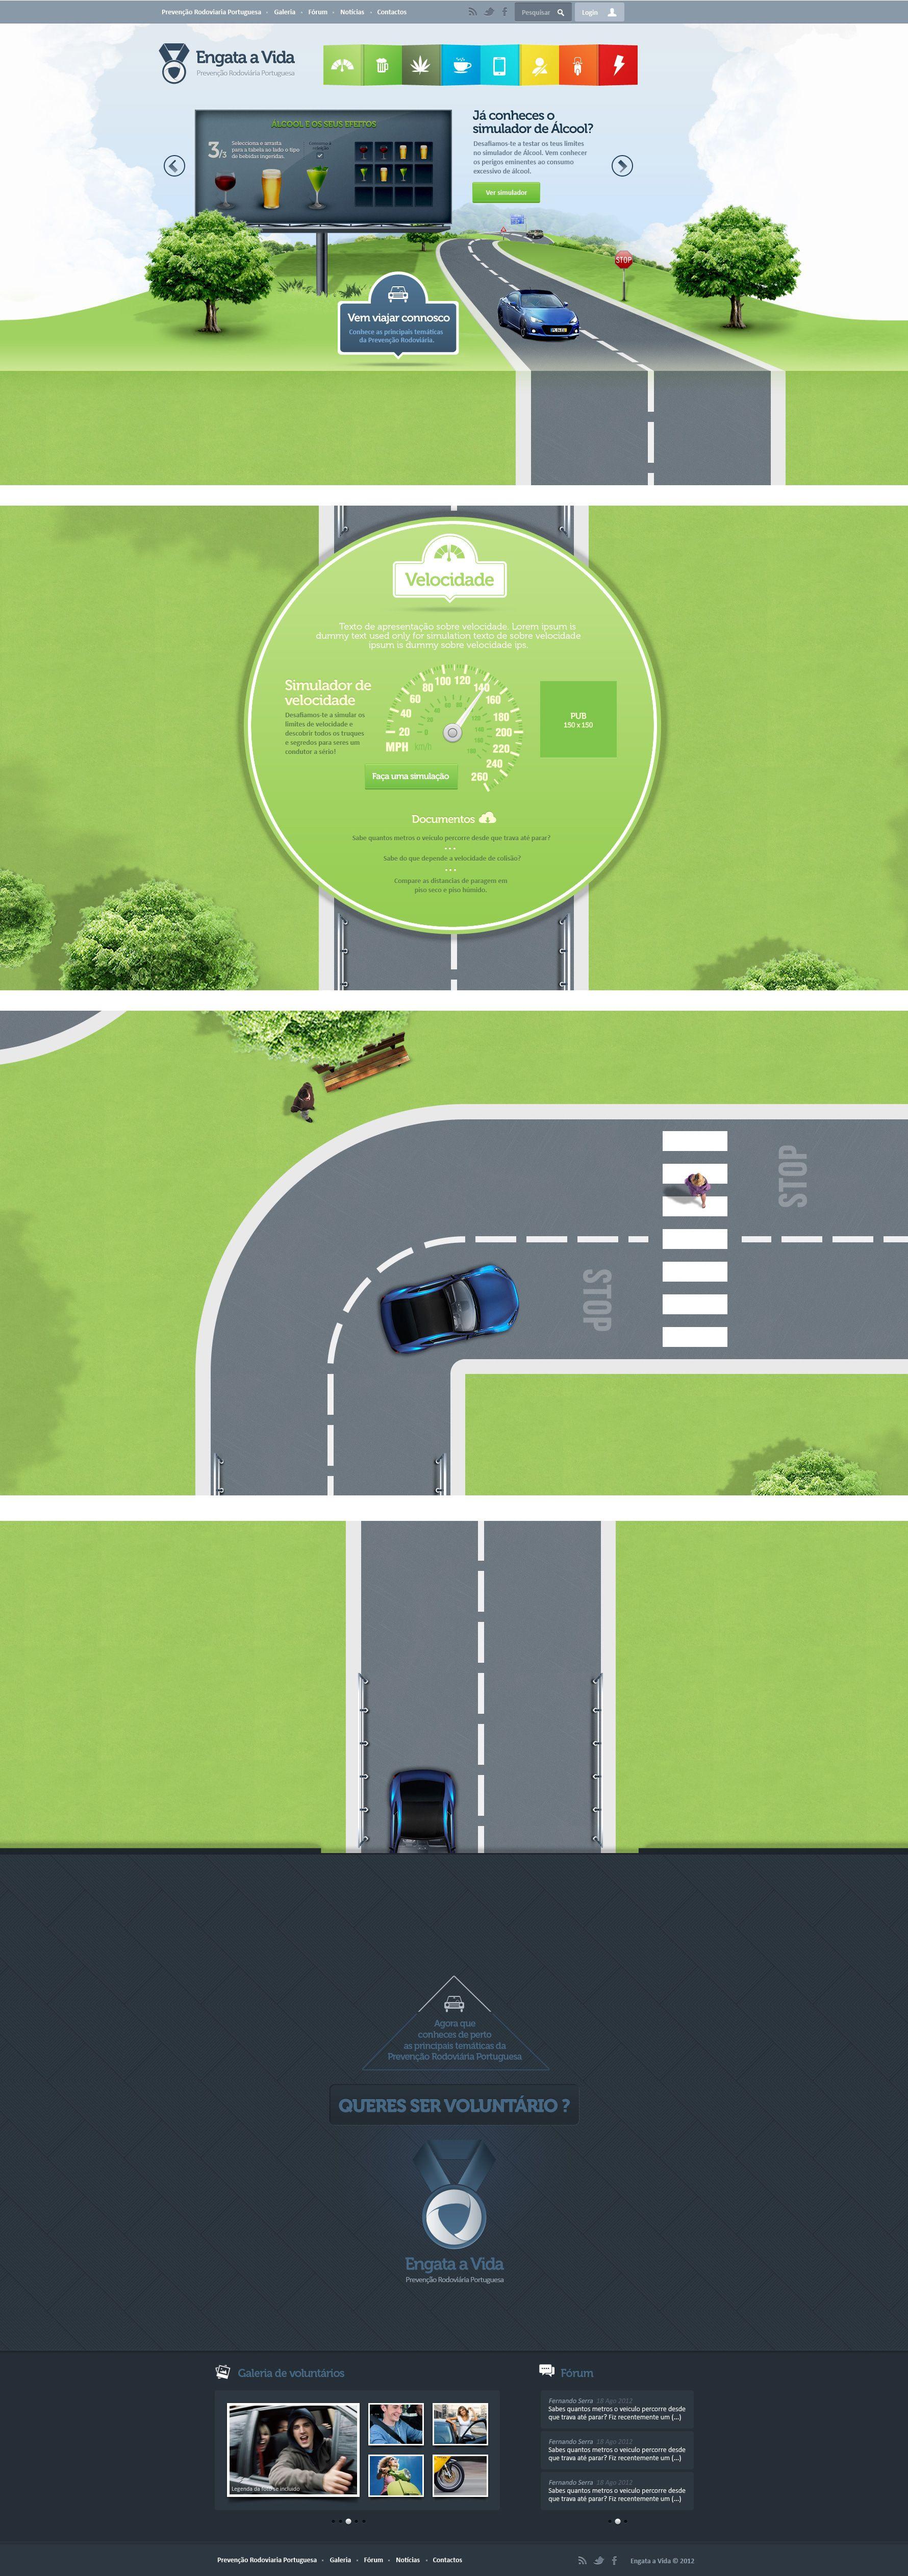 Prevenção Rodoviária Portuguesa.  full vertical website ux ui road cars security web 2012-09